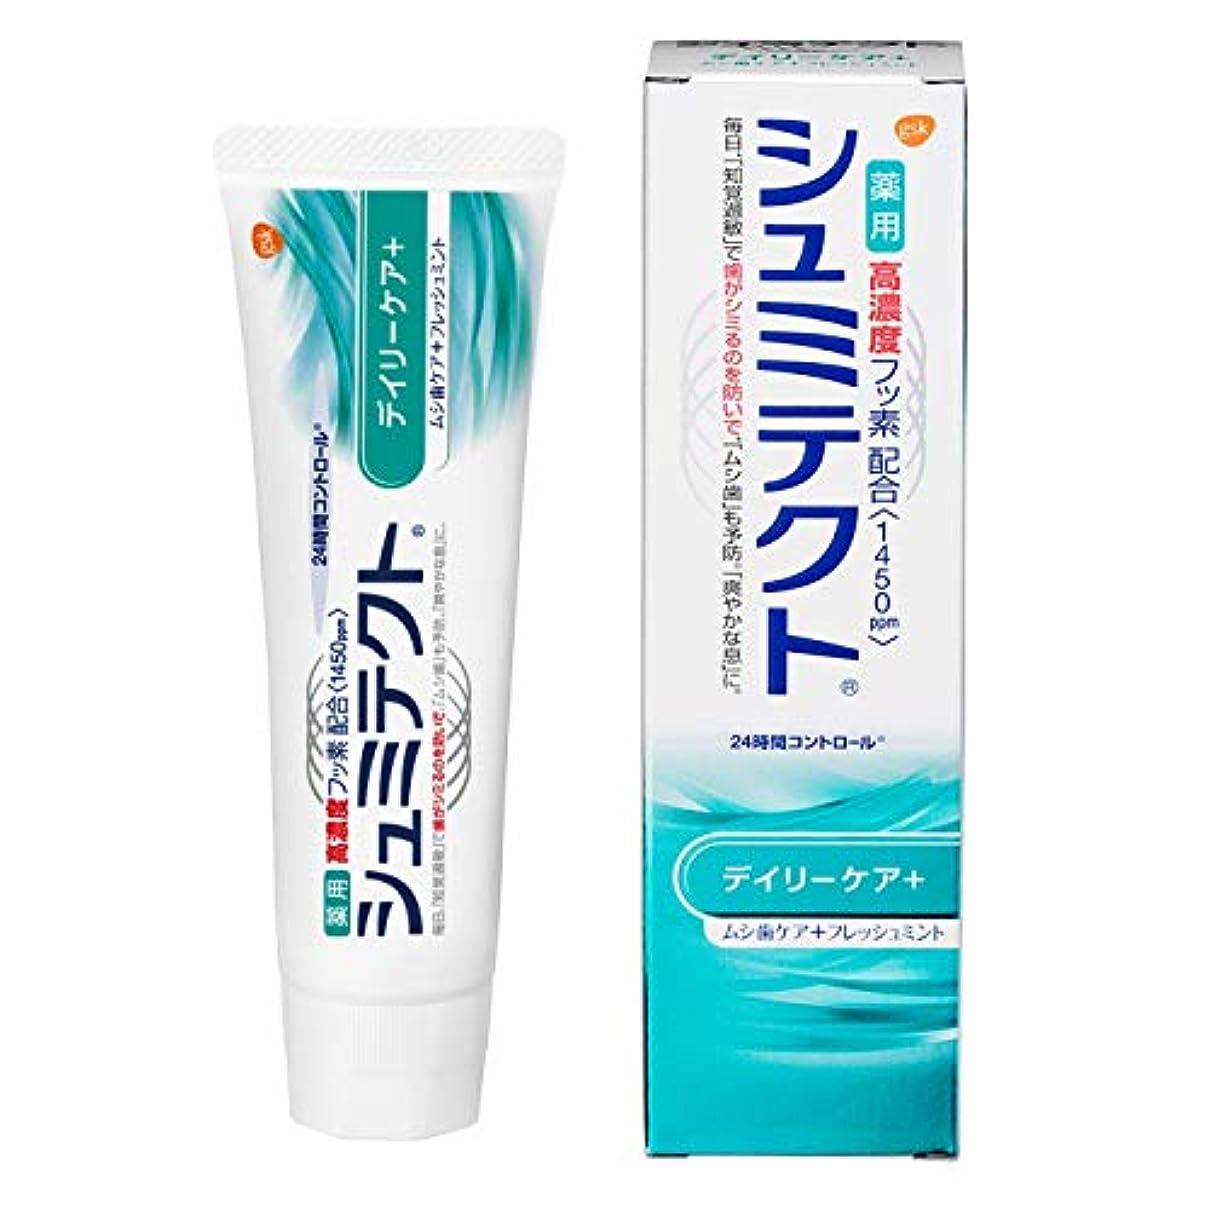 [医薬部外品]薬用シュミテクト デイリーケア+ 高濃度フッ素配合<1450ppm> 知覚過敏予防 歯磨き粉 90g